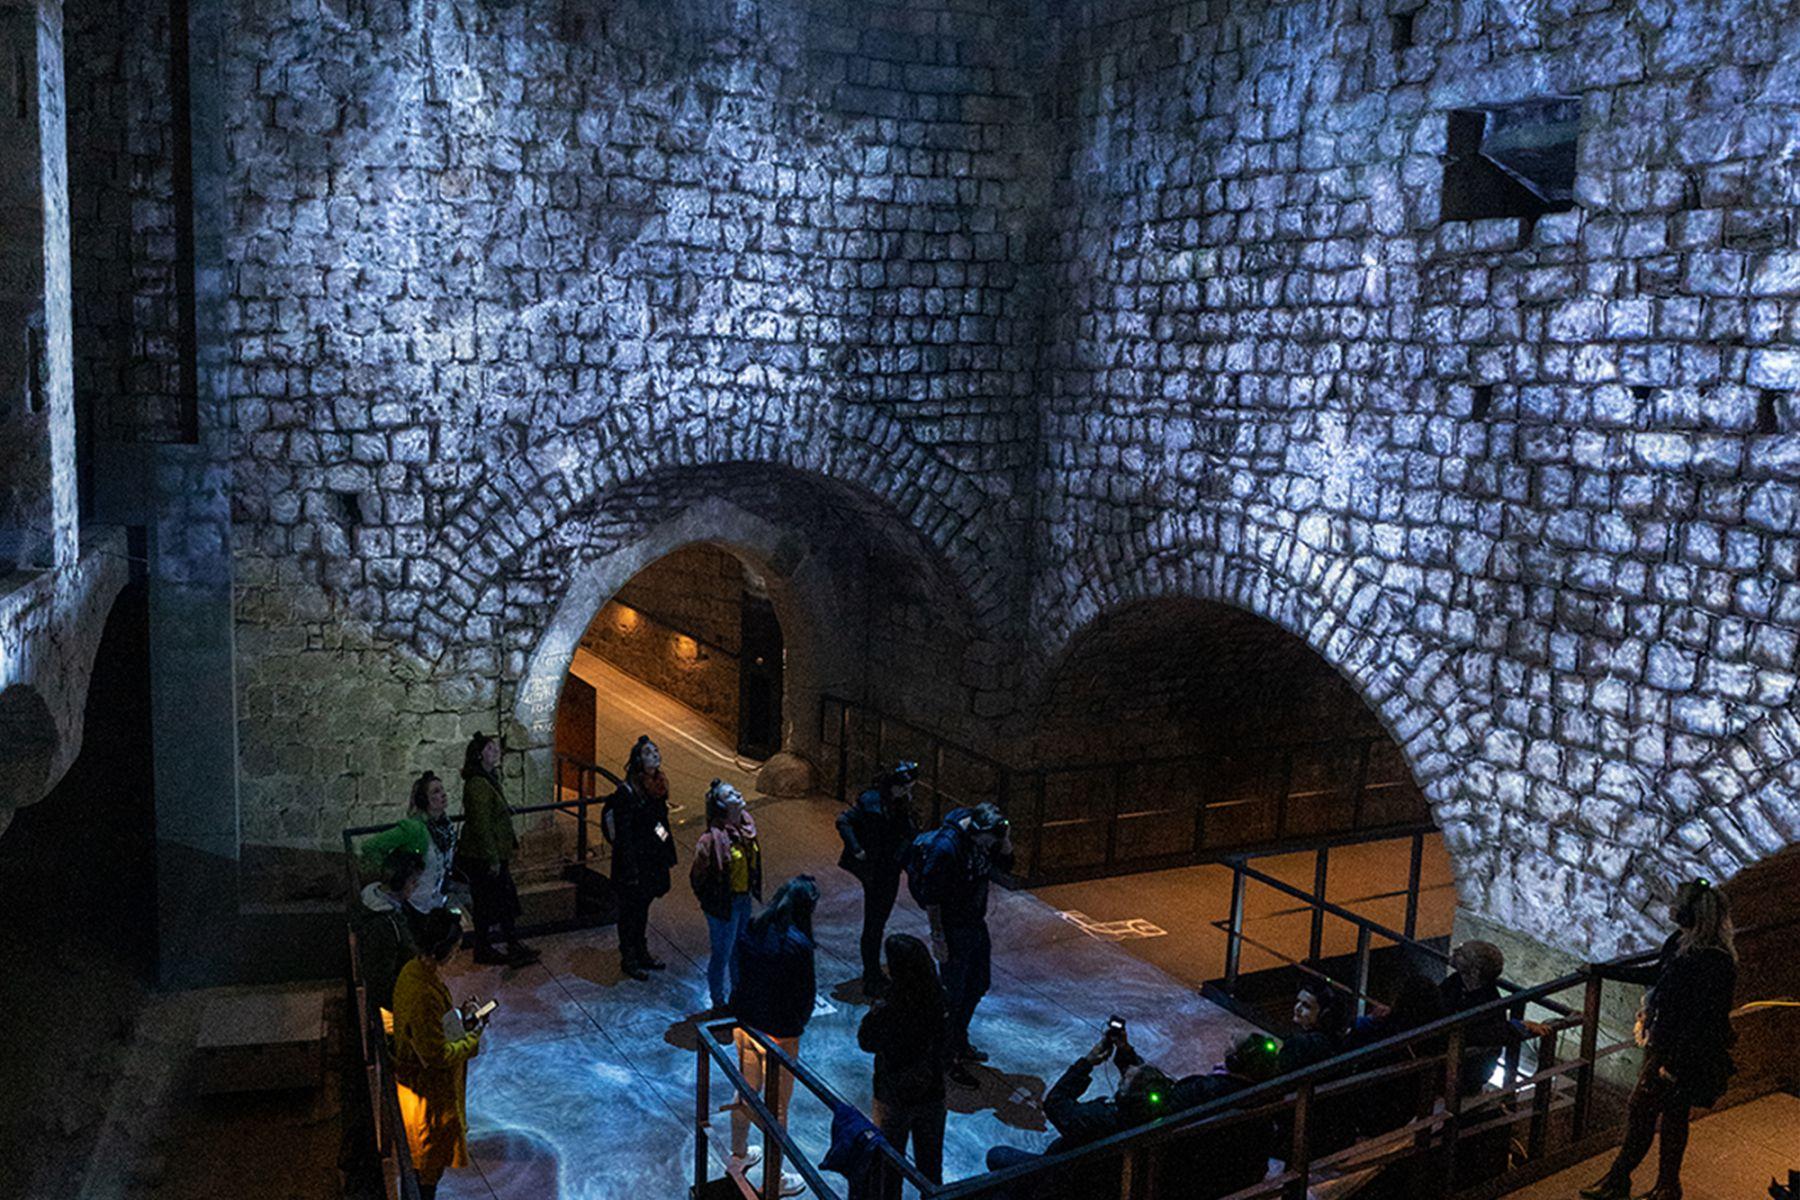 De nieuwe Festung Experience in Dresden